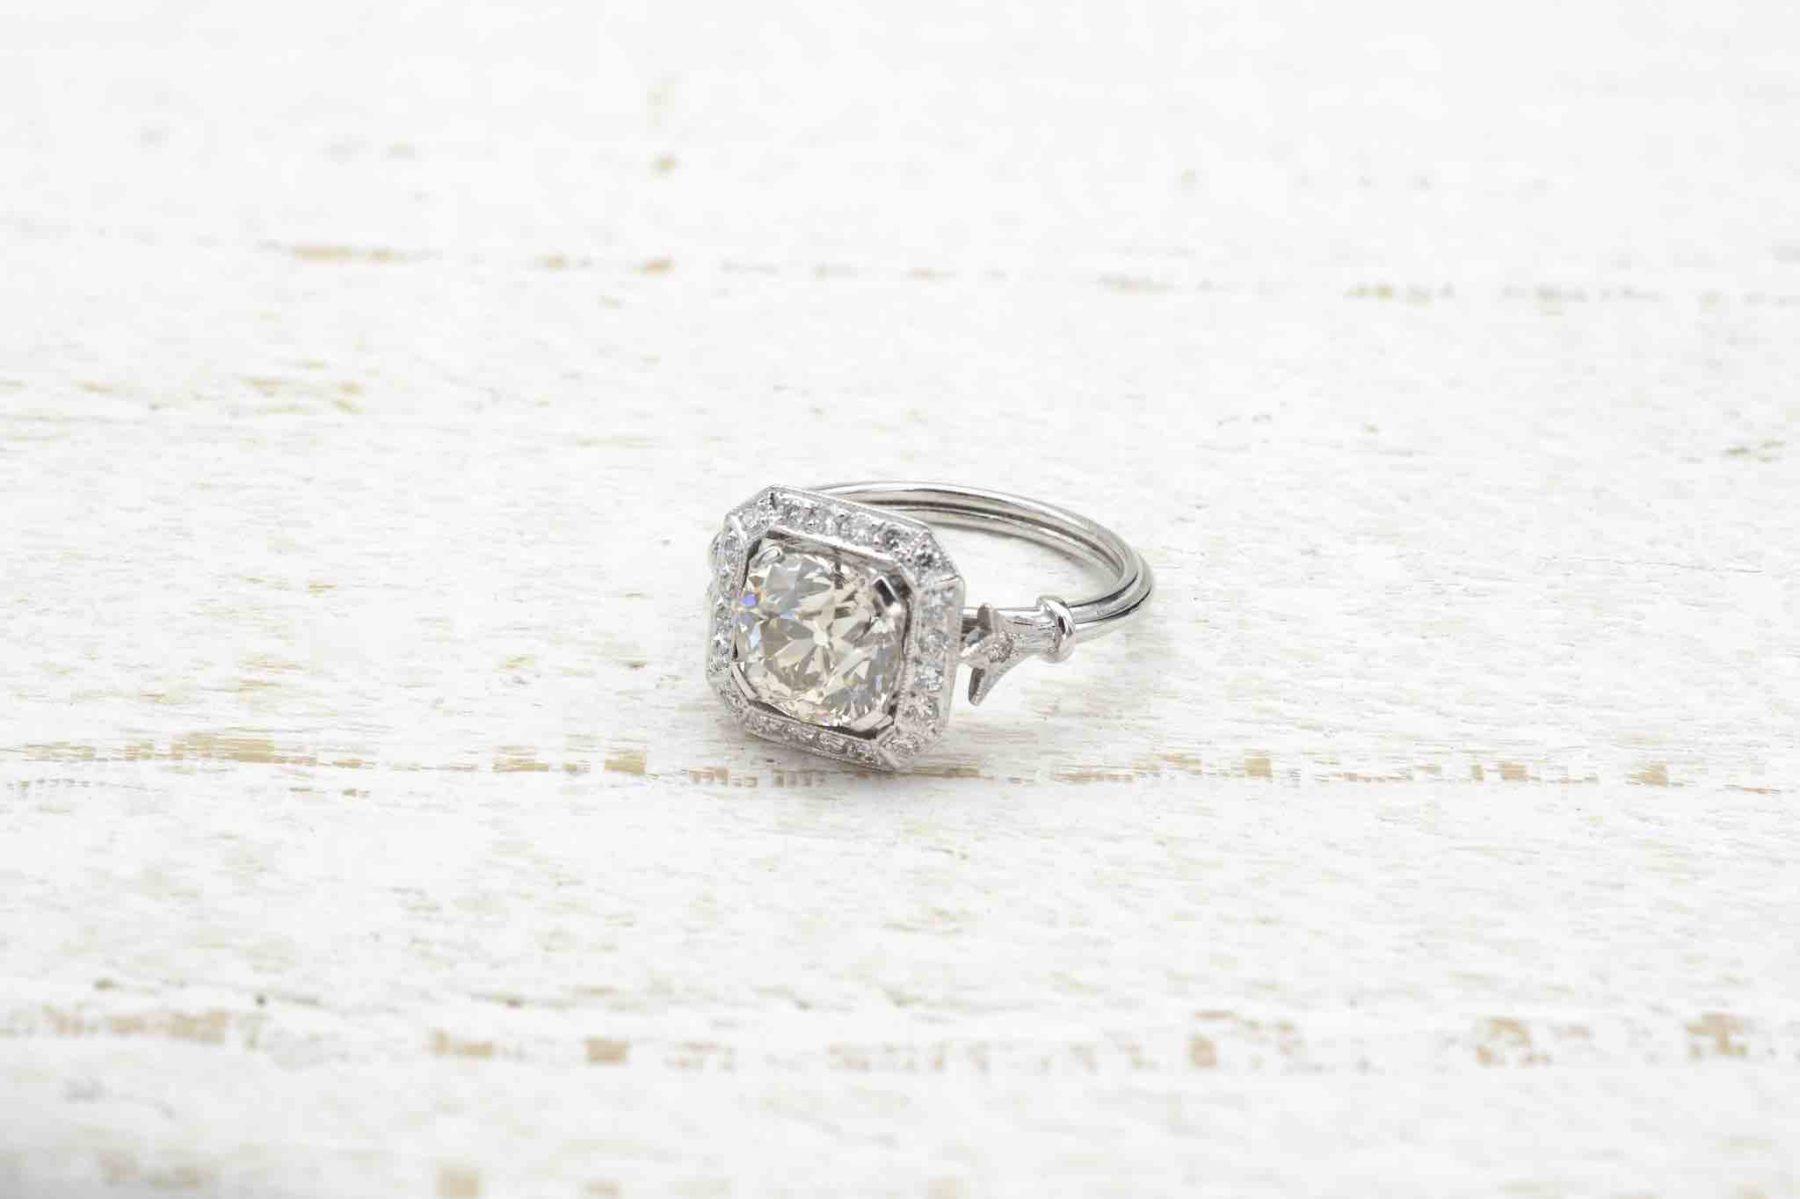 Bague de fiançailles diamant en platine